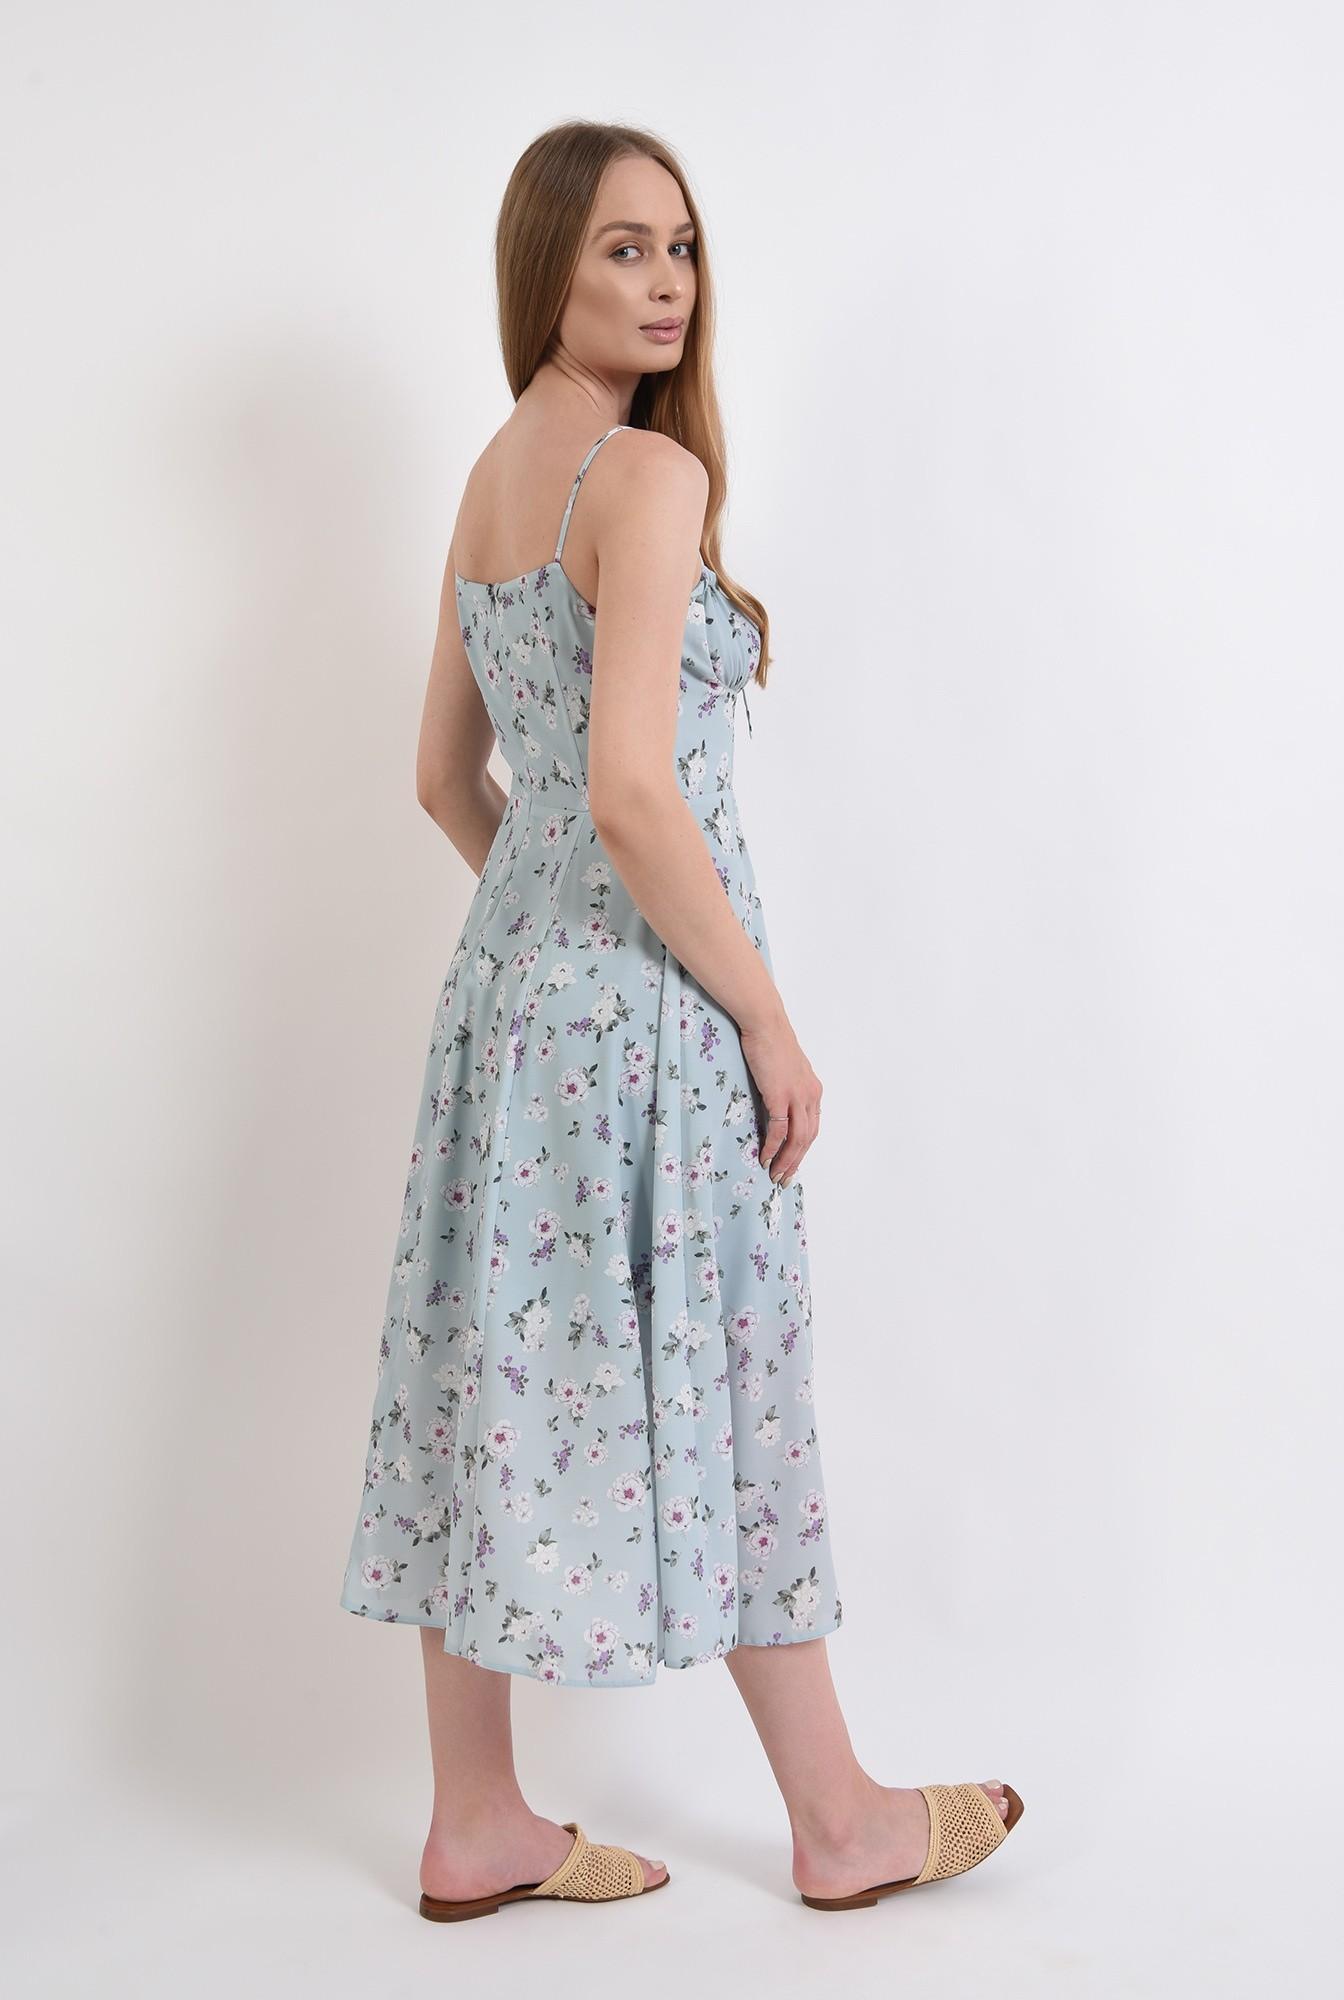 2 - rochie de vara, cu print, cu bretele, Poema